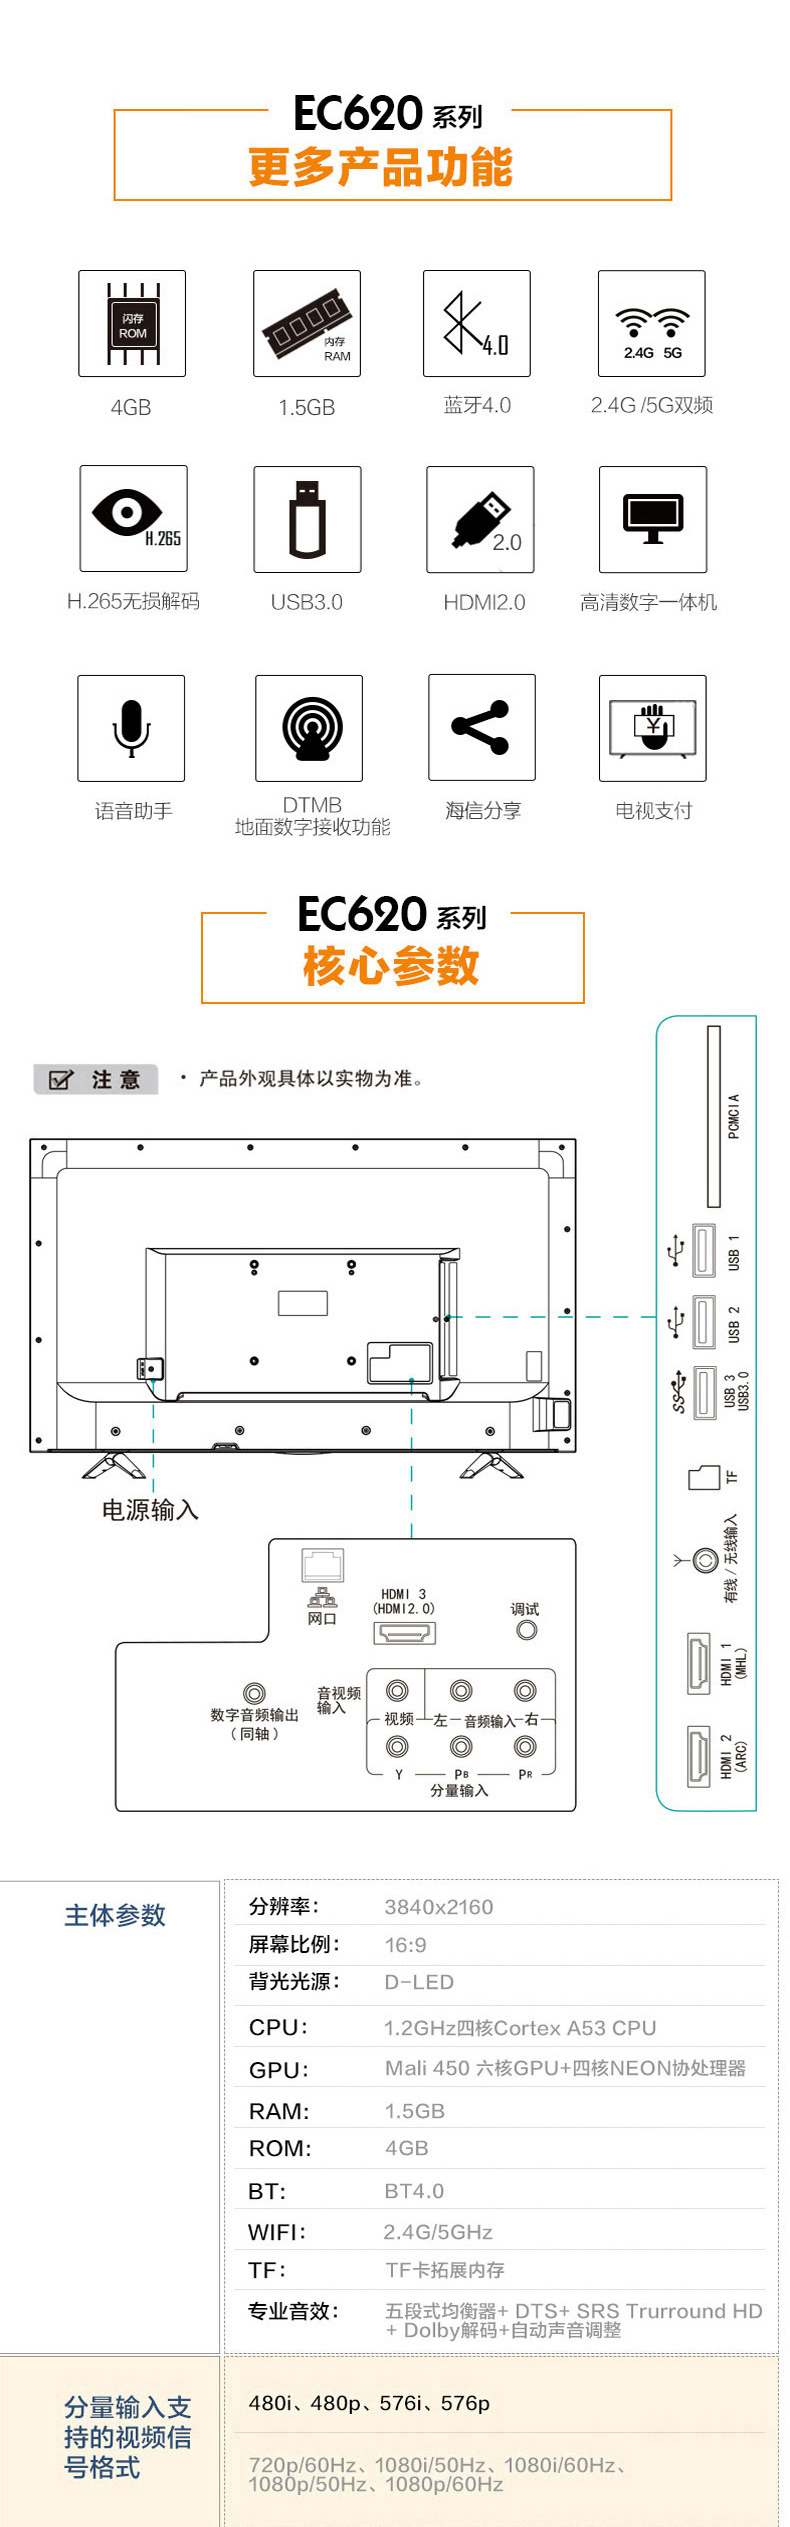 其他尺寸EC620创建信优化-B2C_09.jpg